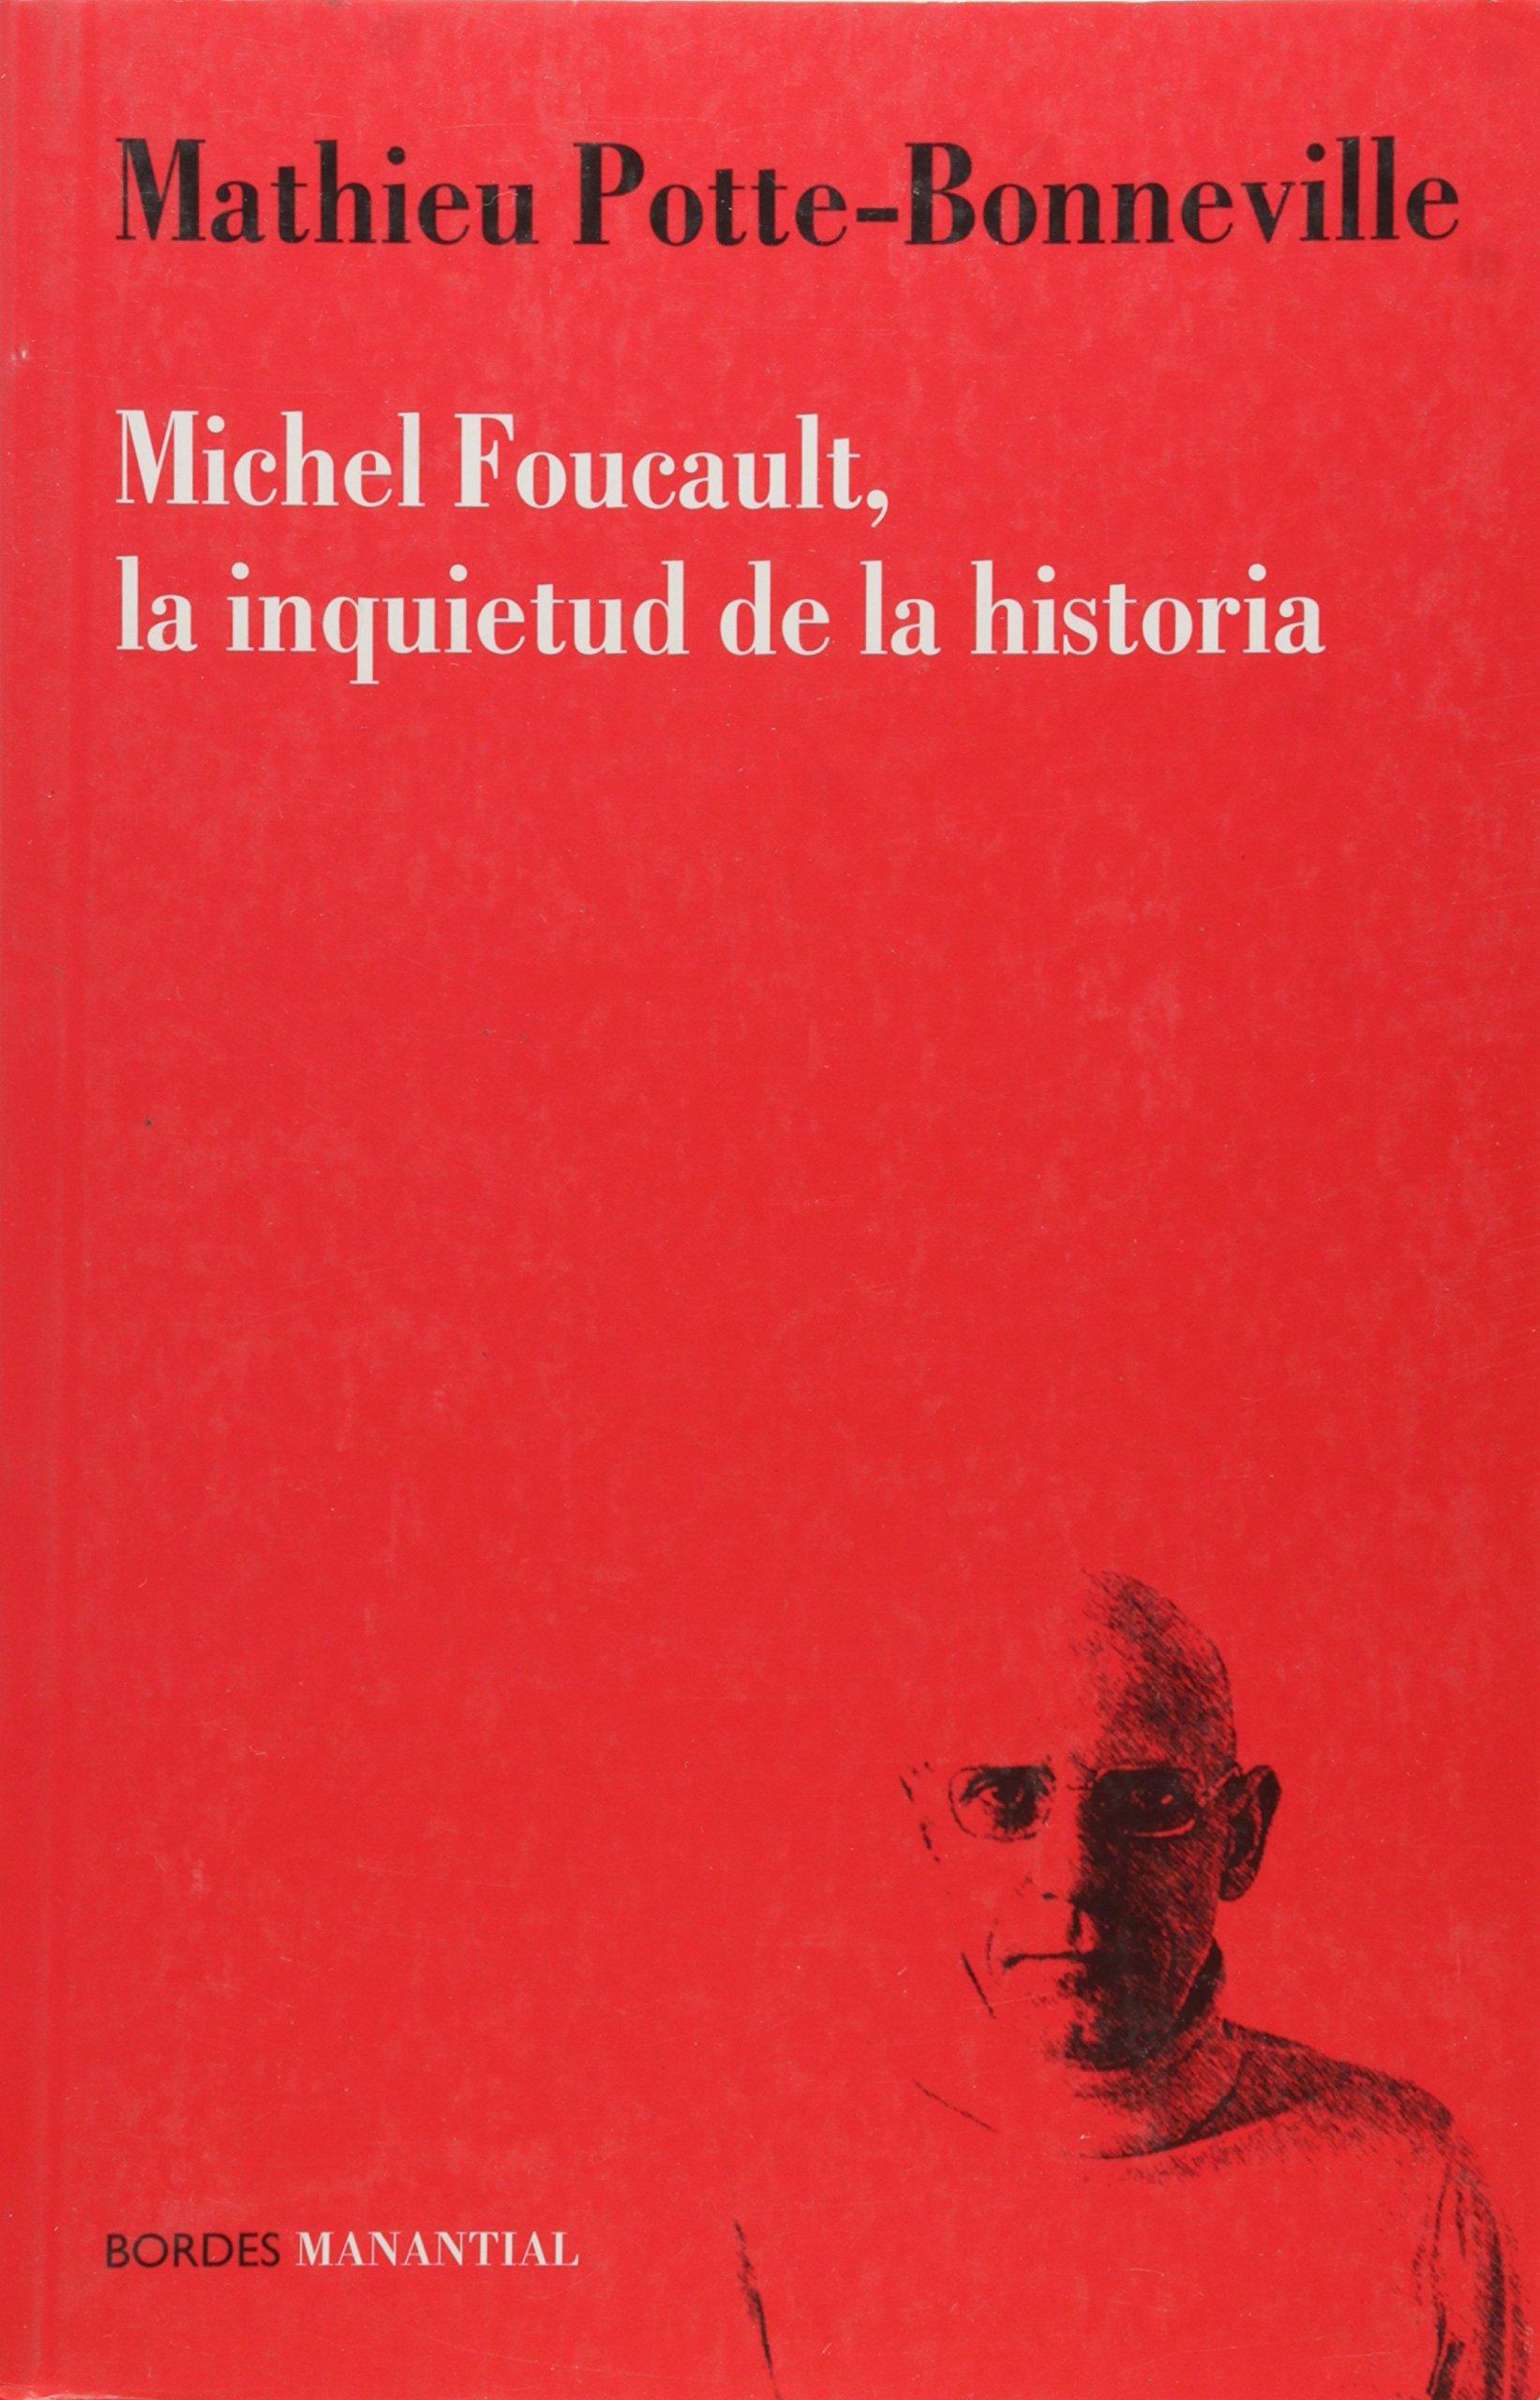 Michel Foucault, la inquietud de la historia: MATHIEU POTTE-BONNEVILLE: 9789875001039: Amazon.com: Books